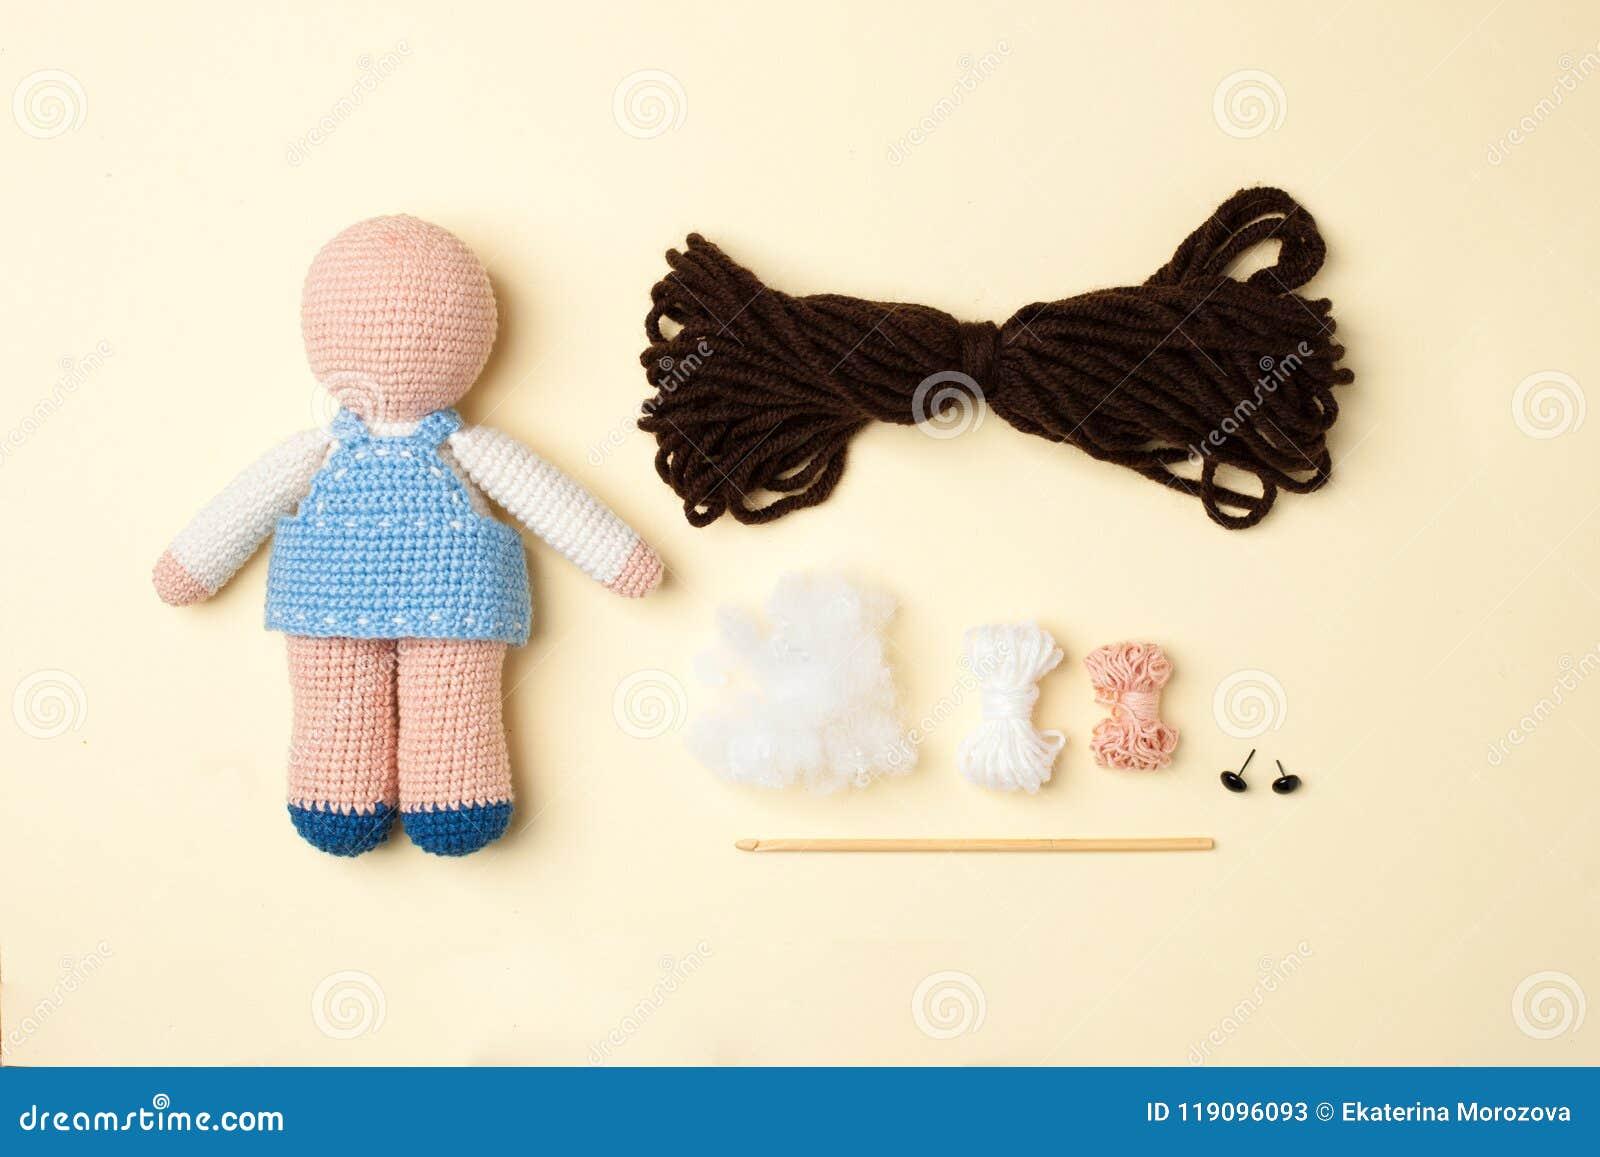 Un Juguete Hecho A Ganchillo, Una Muñeca En Un Vestido Azul, Un ...